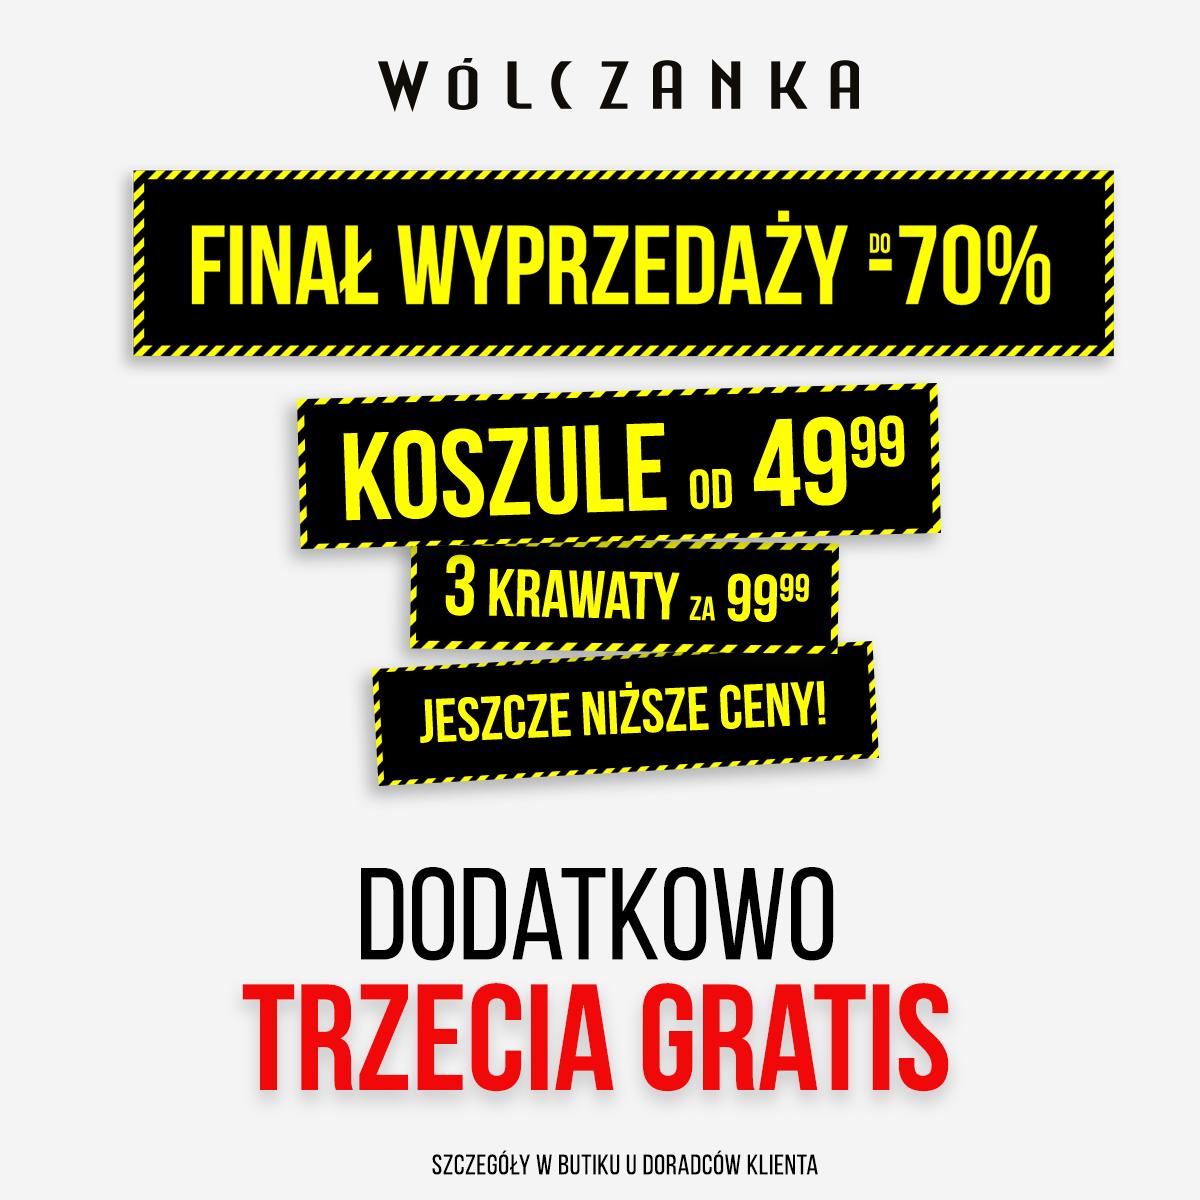 Finał wyprzedaży do -70% w butiku WÓLCZANKA!